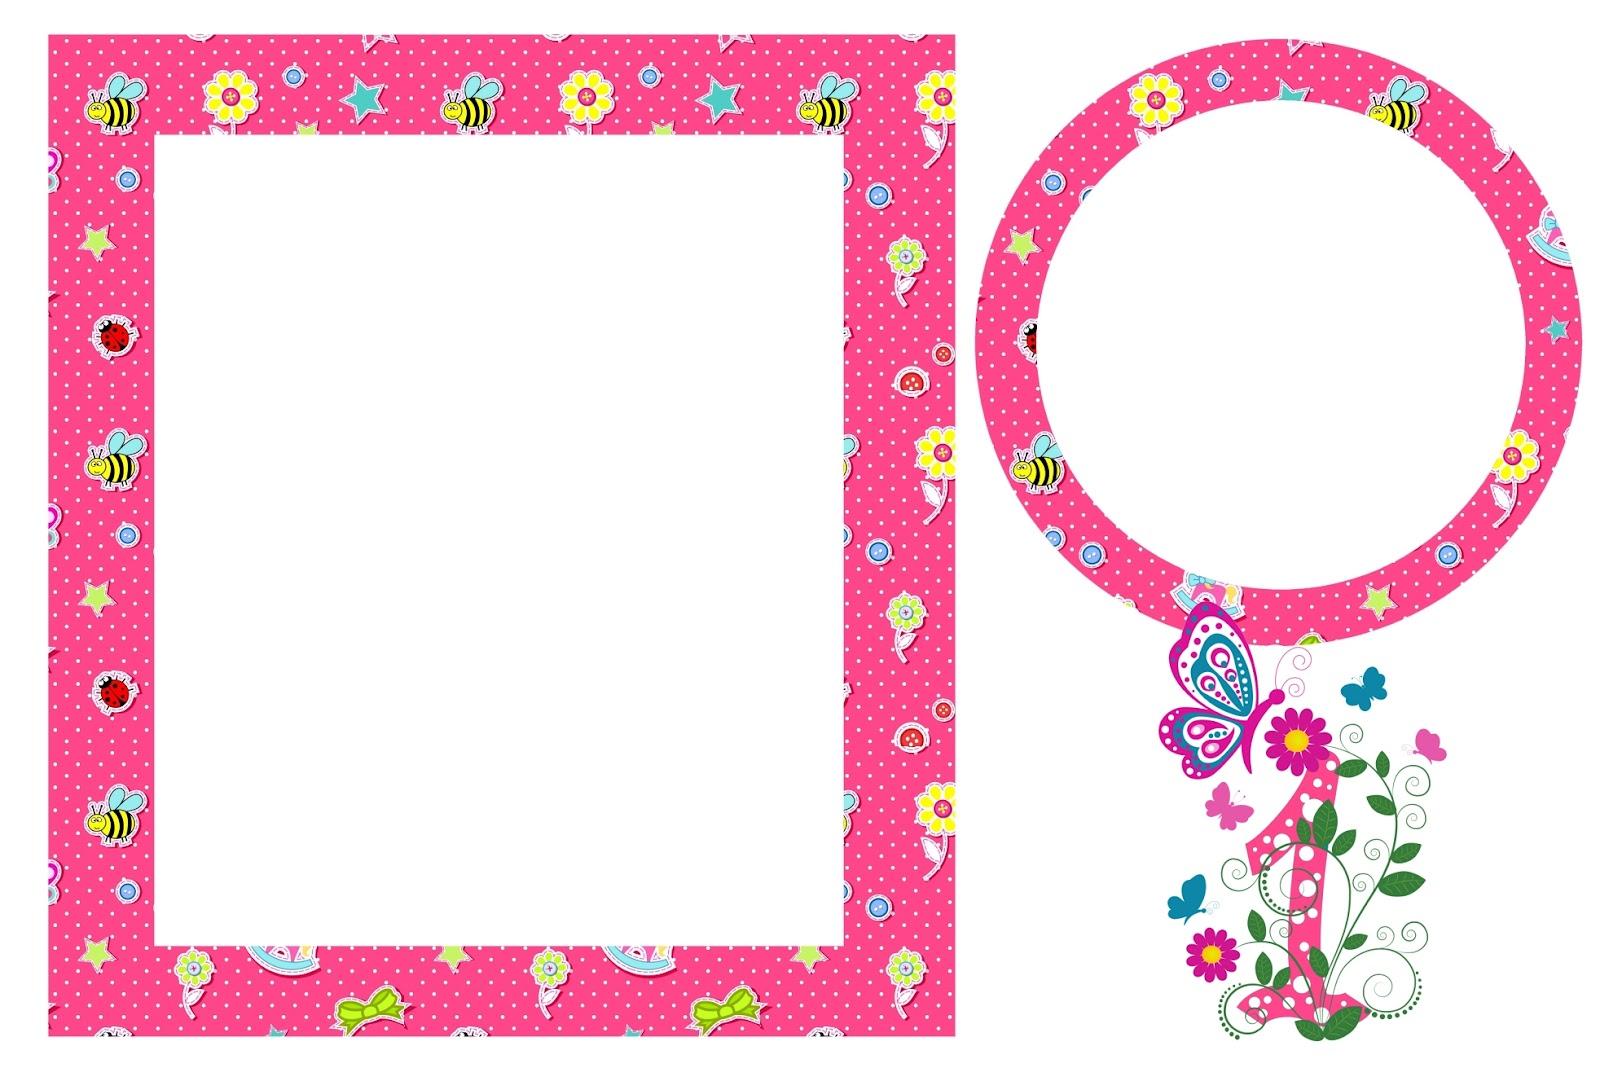 moldura para fotos tema jardim encantado : moldura para fotos tema jardim encantado:Ano Menina – Kit Completo com molduras para convites, rótulos para